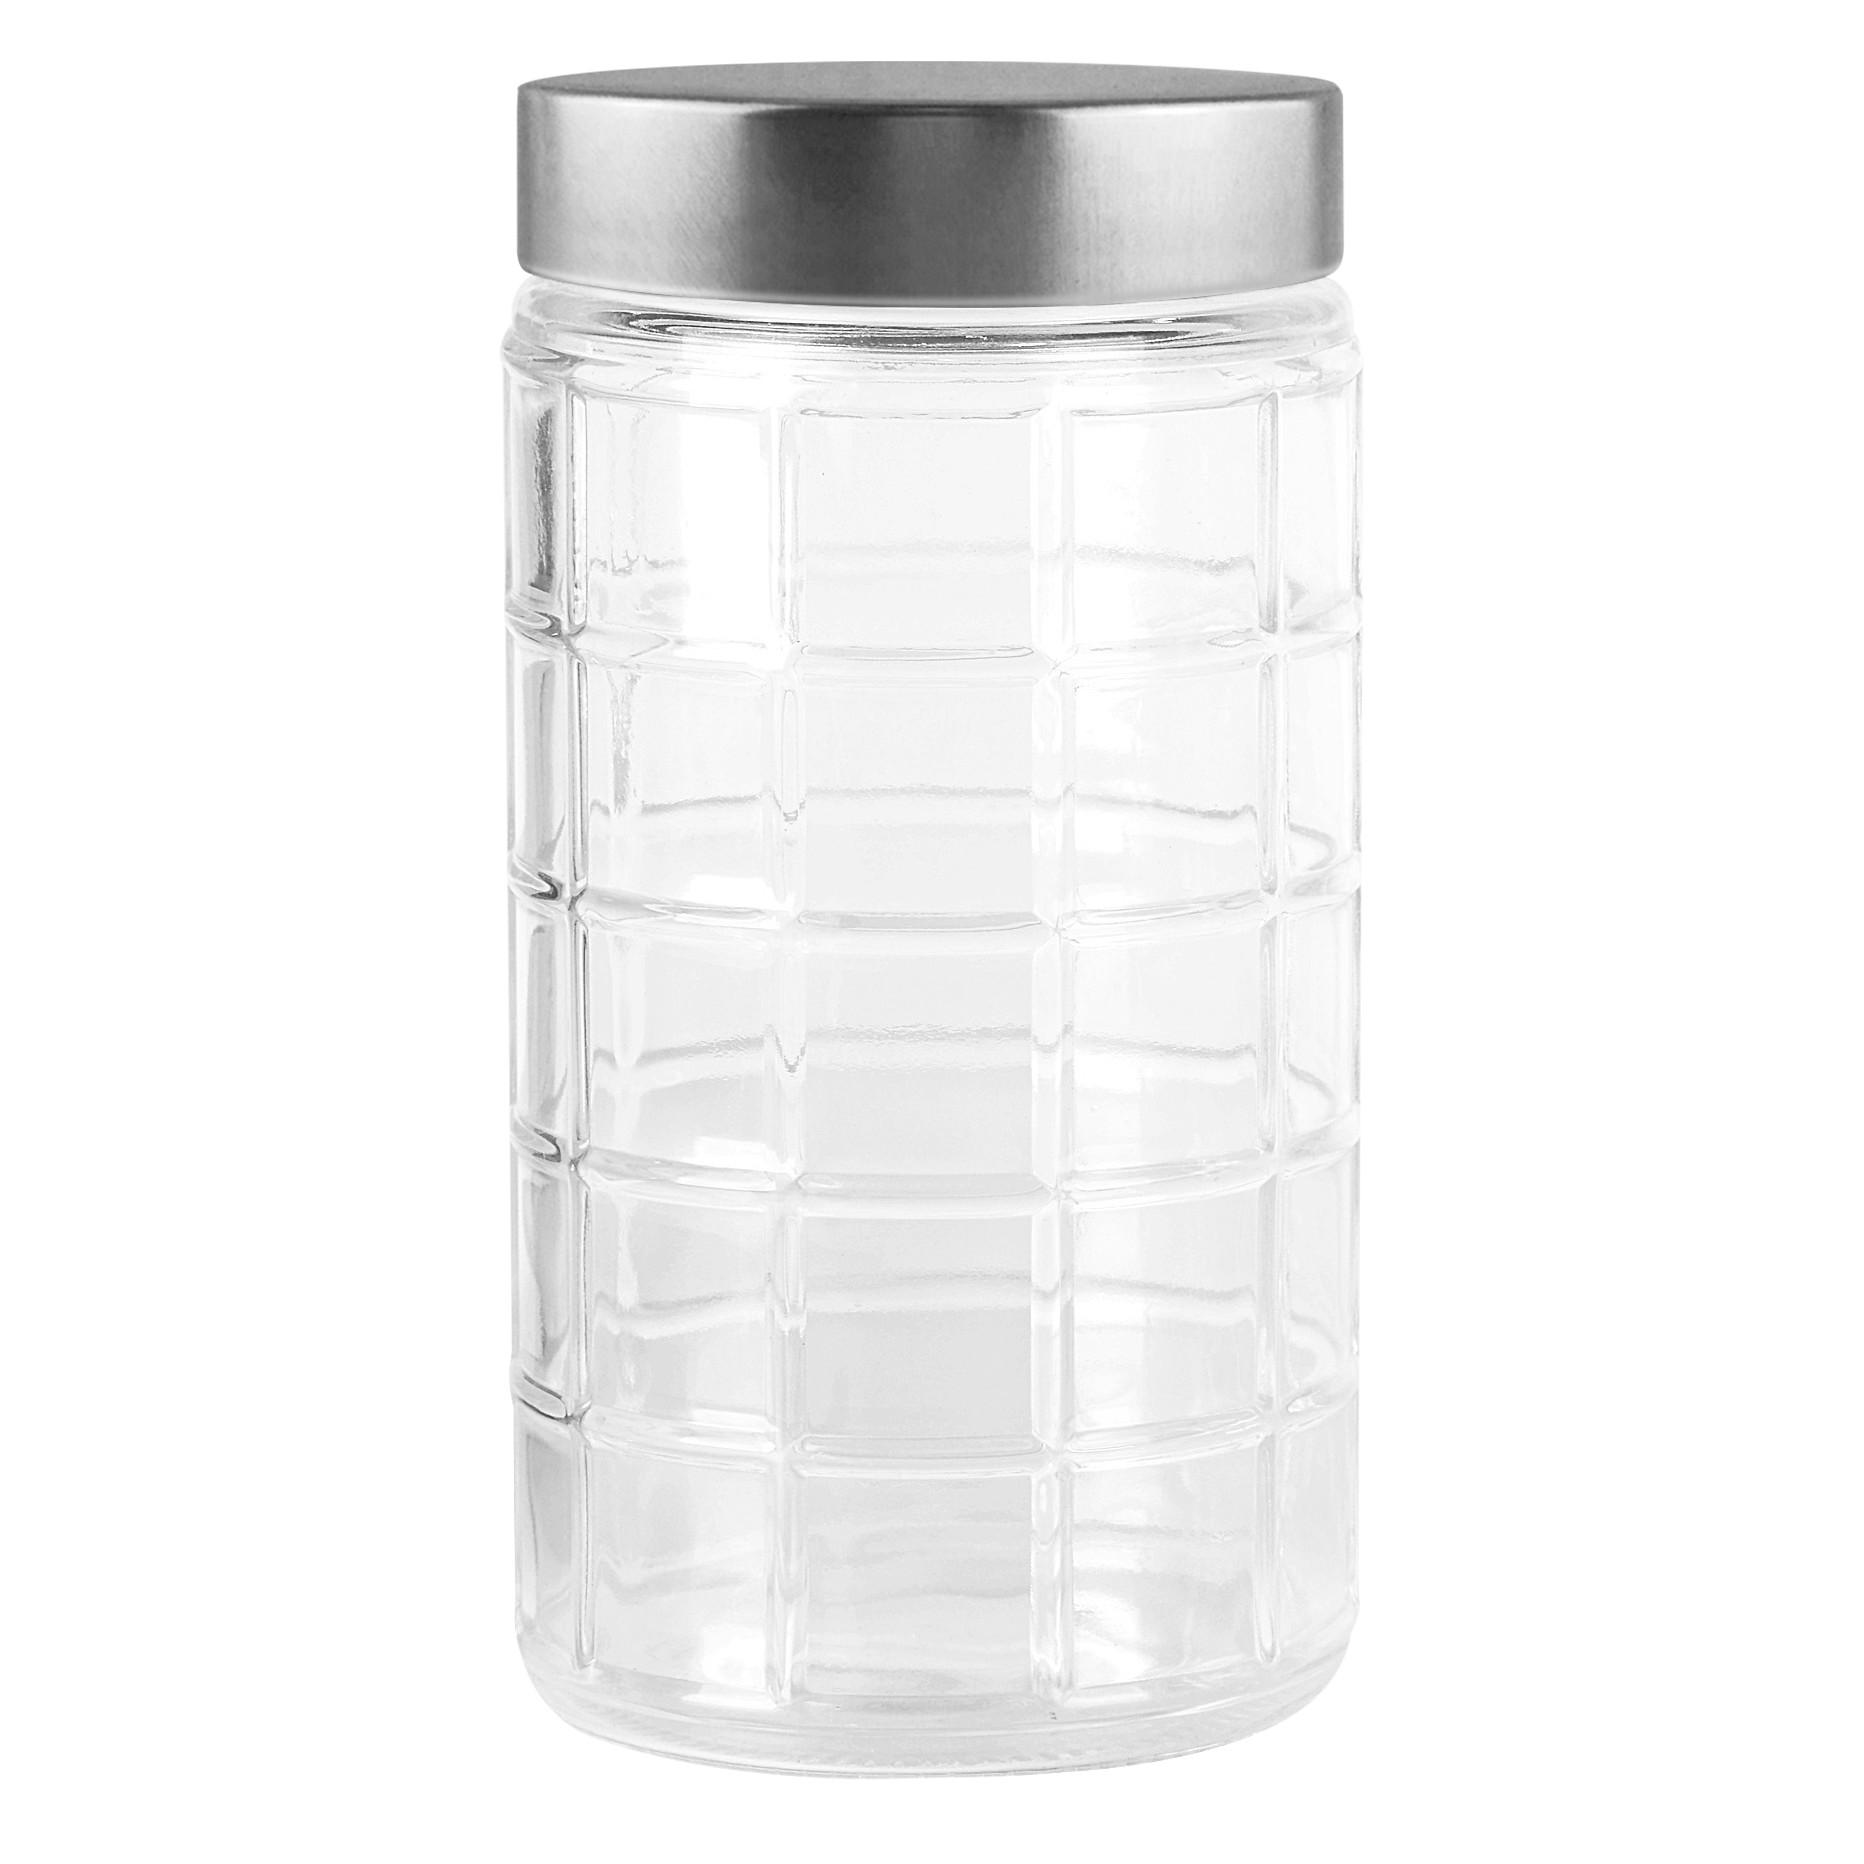 Pote de Vidro Redondo 17L com Tampa de Plastico Prata - Full Fit